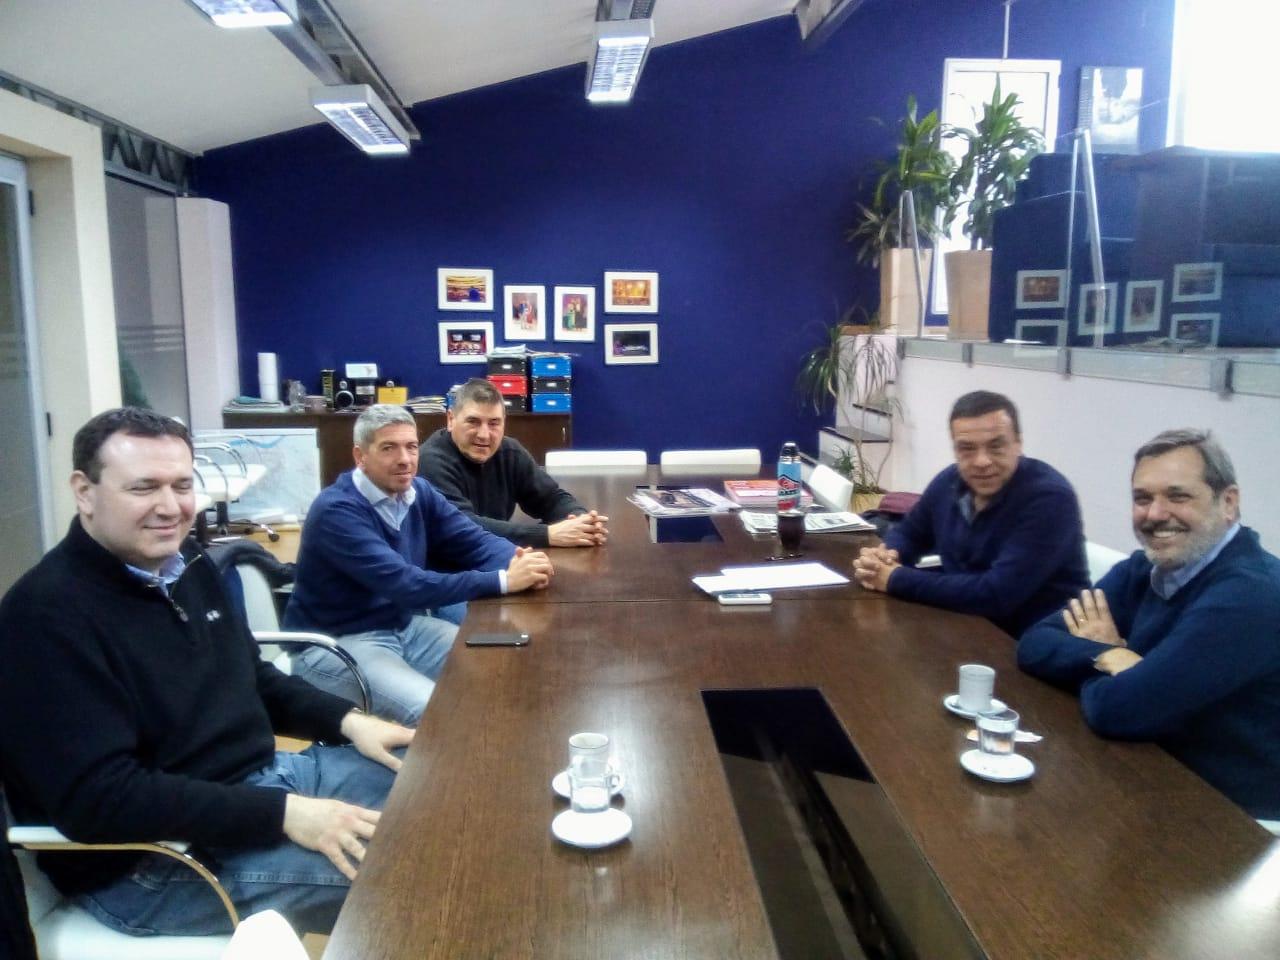 Cáffaro recibió a representantes de la Cooperativa Obrera que buscan invertir en la ciudad